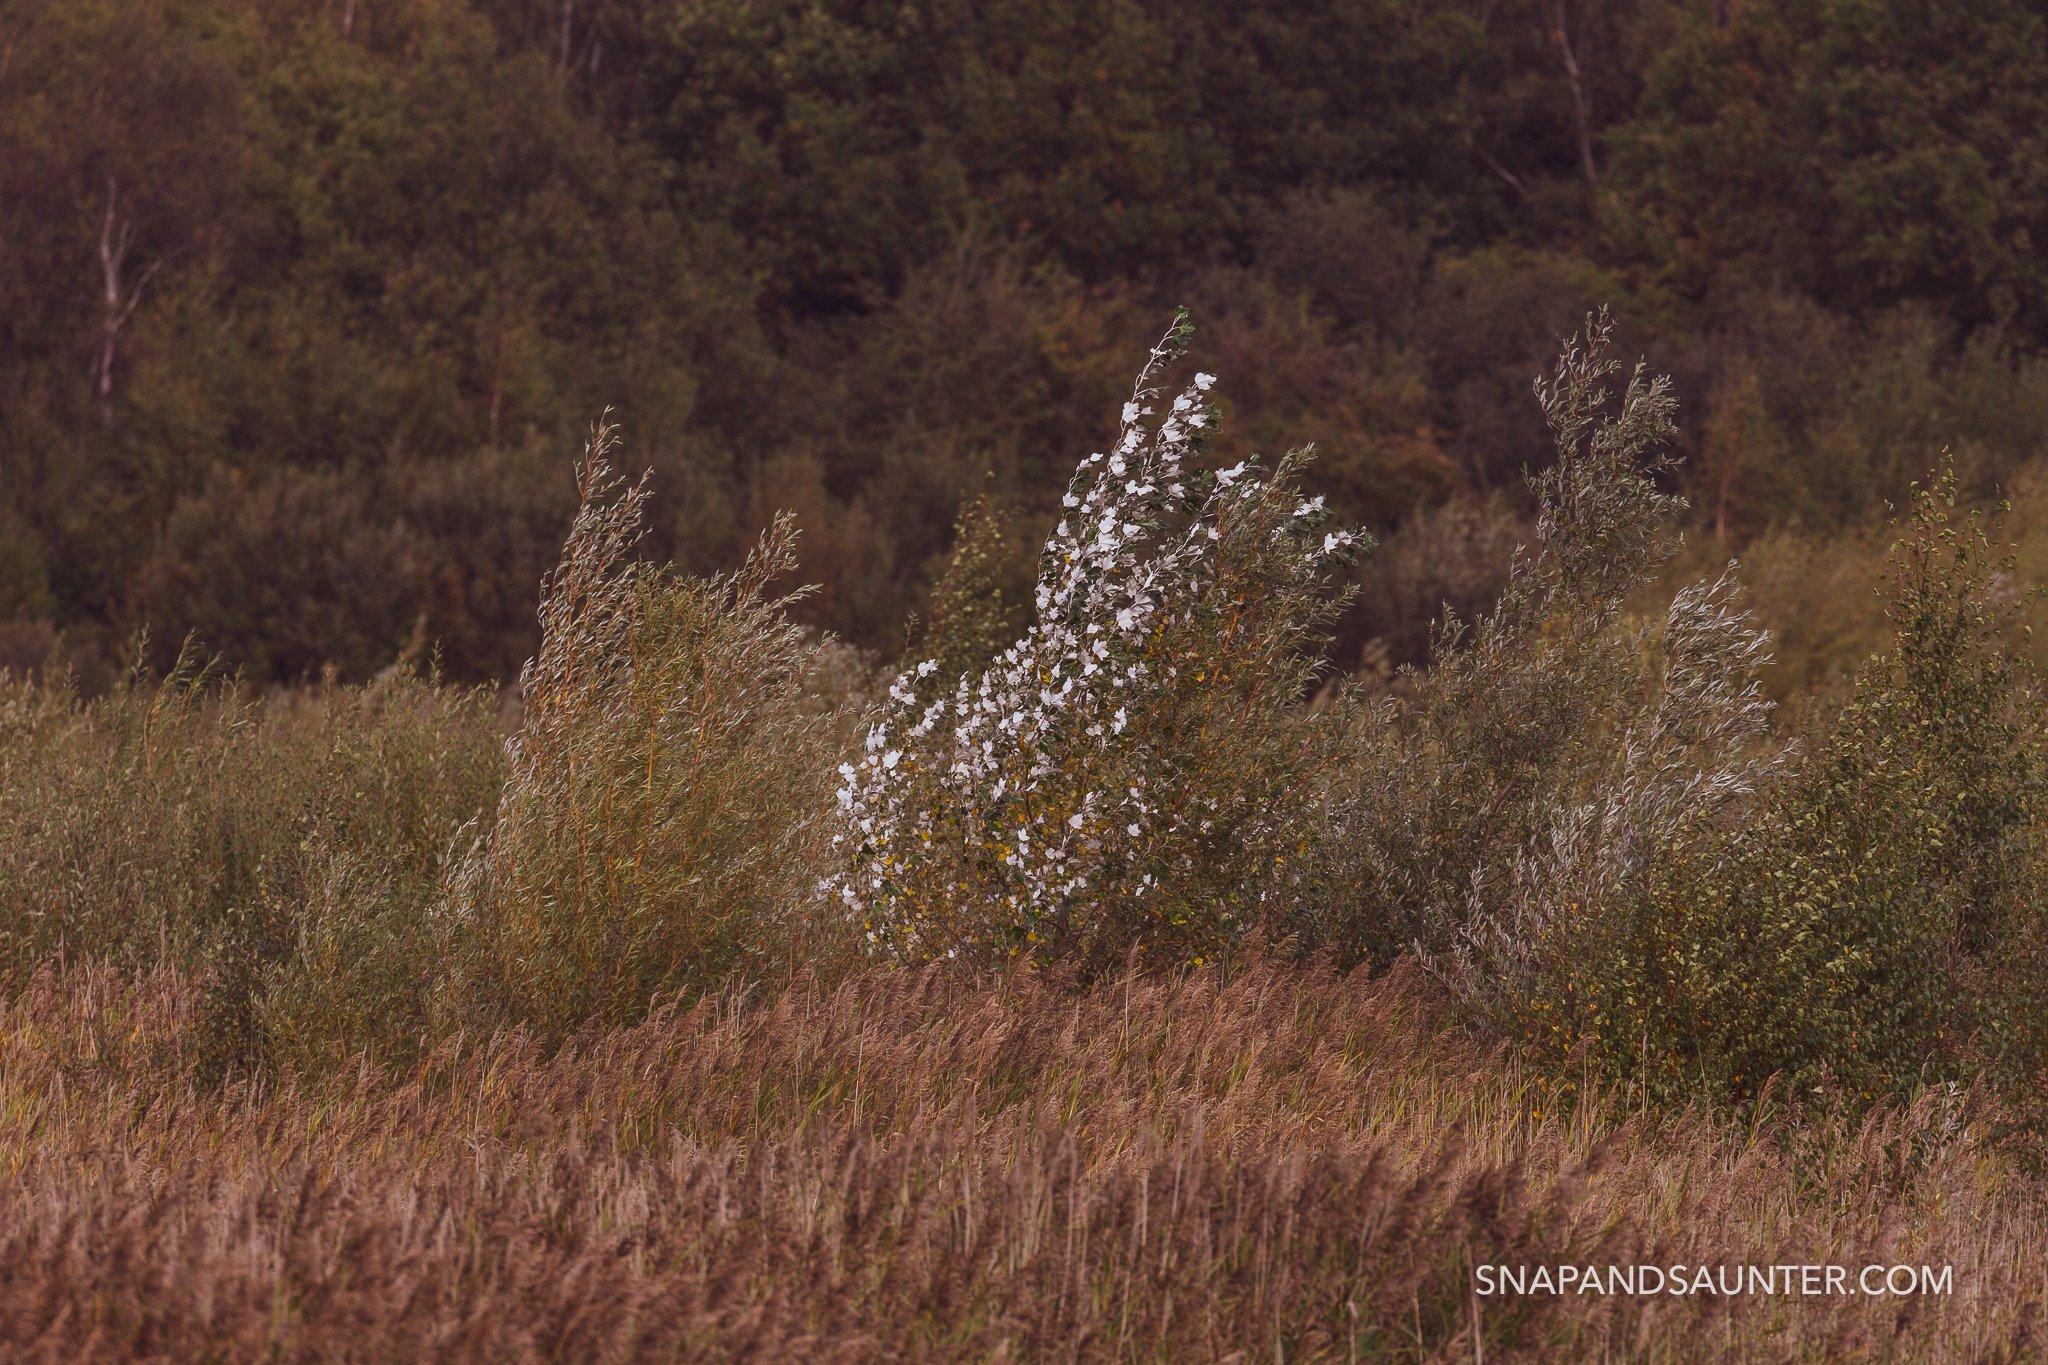 White Poplar tree at Potteric Car nature reserve